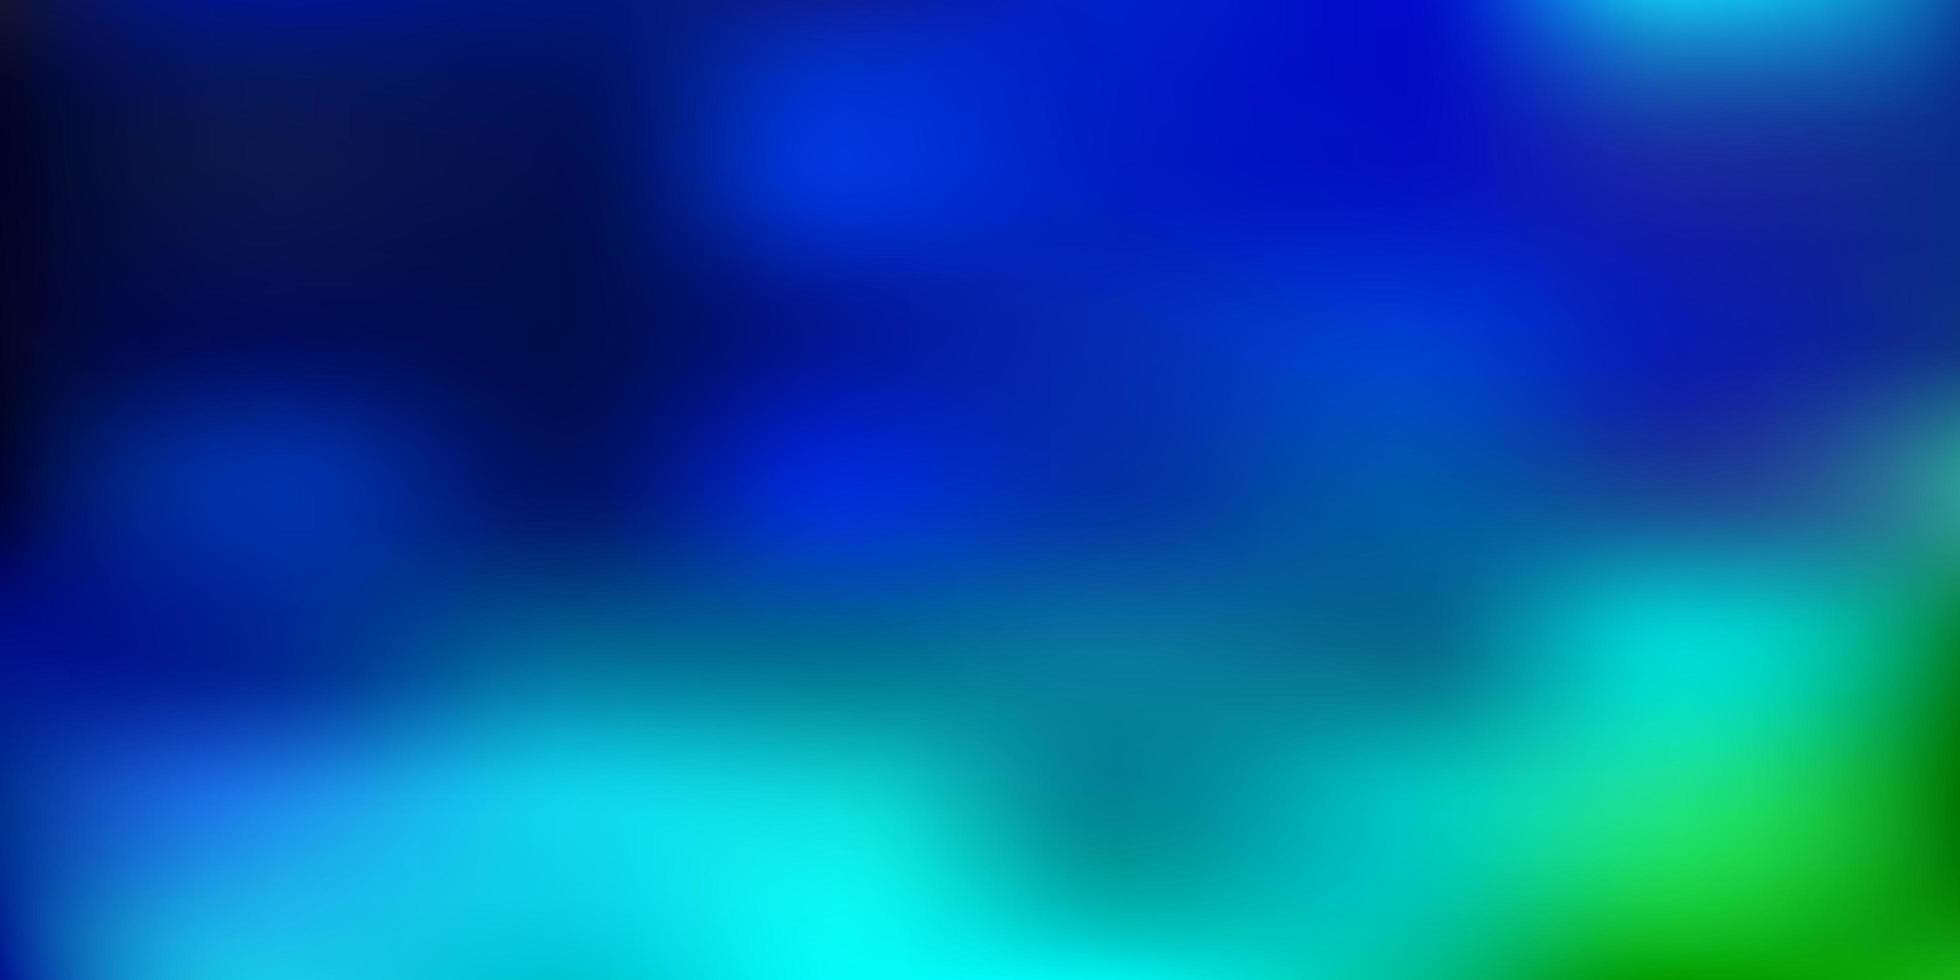 hellblaue, grüne Vektor-Gradienten-Unschärfe-Schablone. vektor